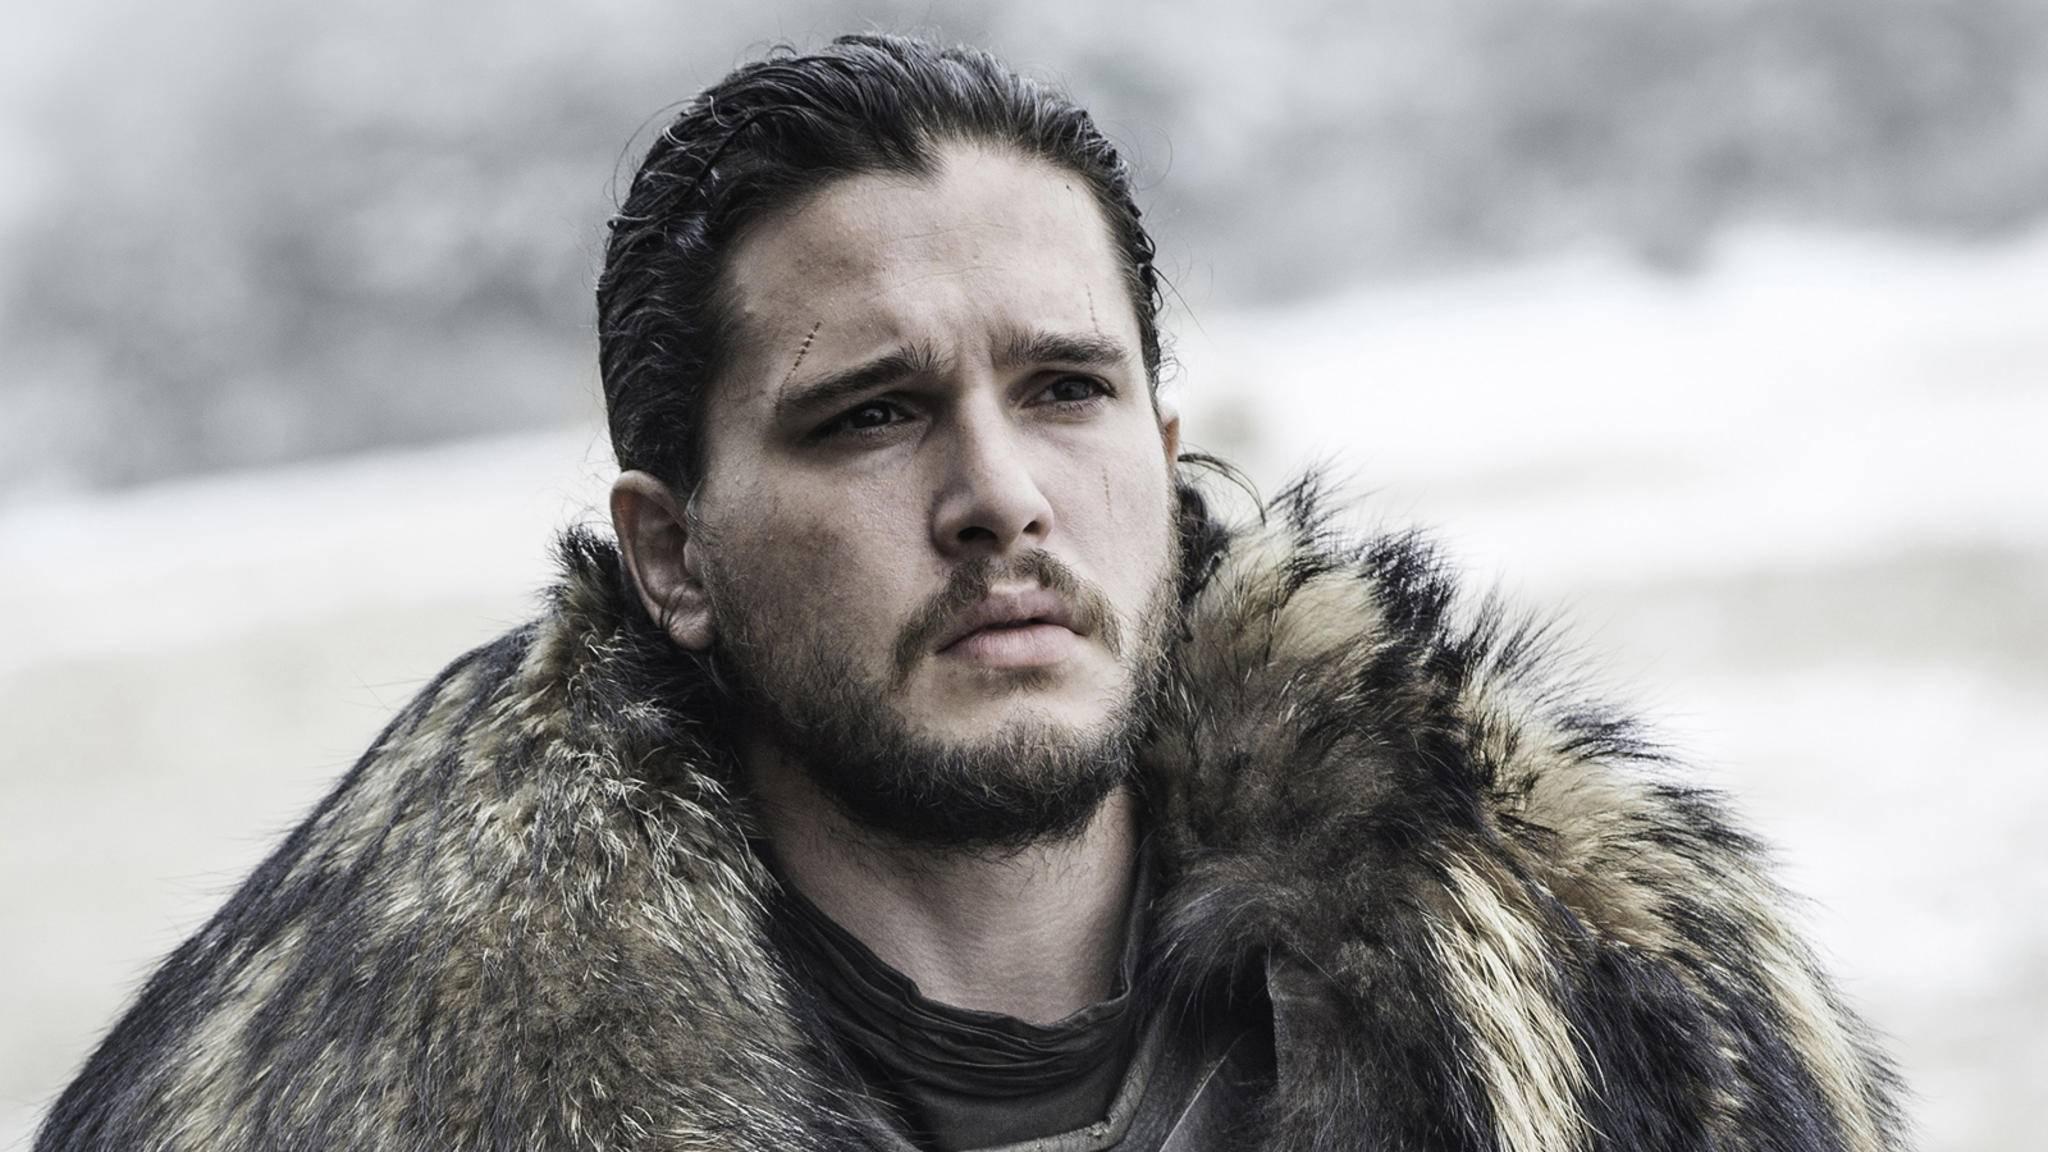 """Ob Jon Snow höchstpersönlich wohl alle Fragen eines neuen """"Game of Thrones-Quiz beantworten könnte?"""